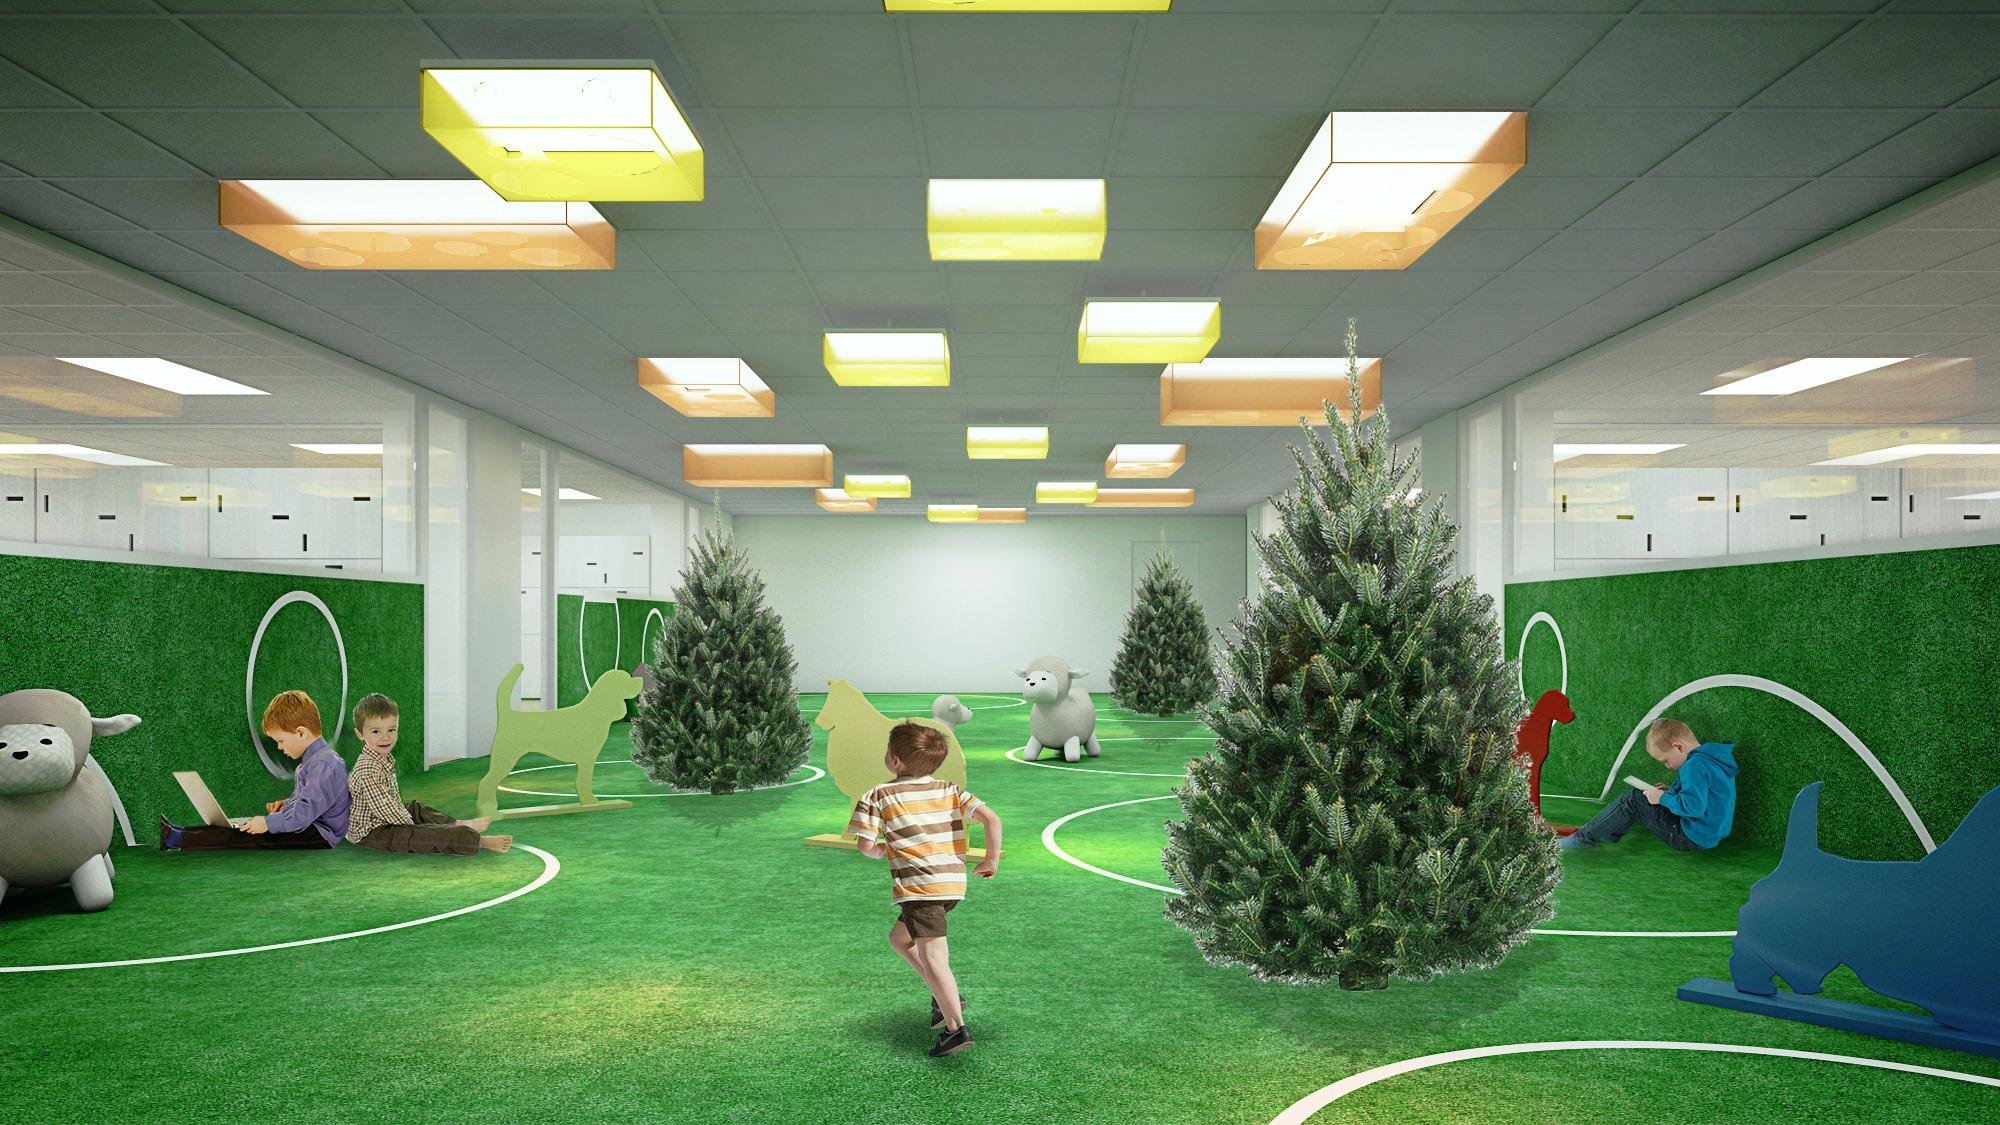 德築-DEZU-project-JSkids-architecture-3Drendering-1